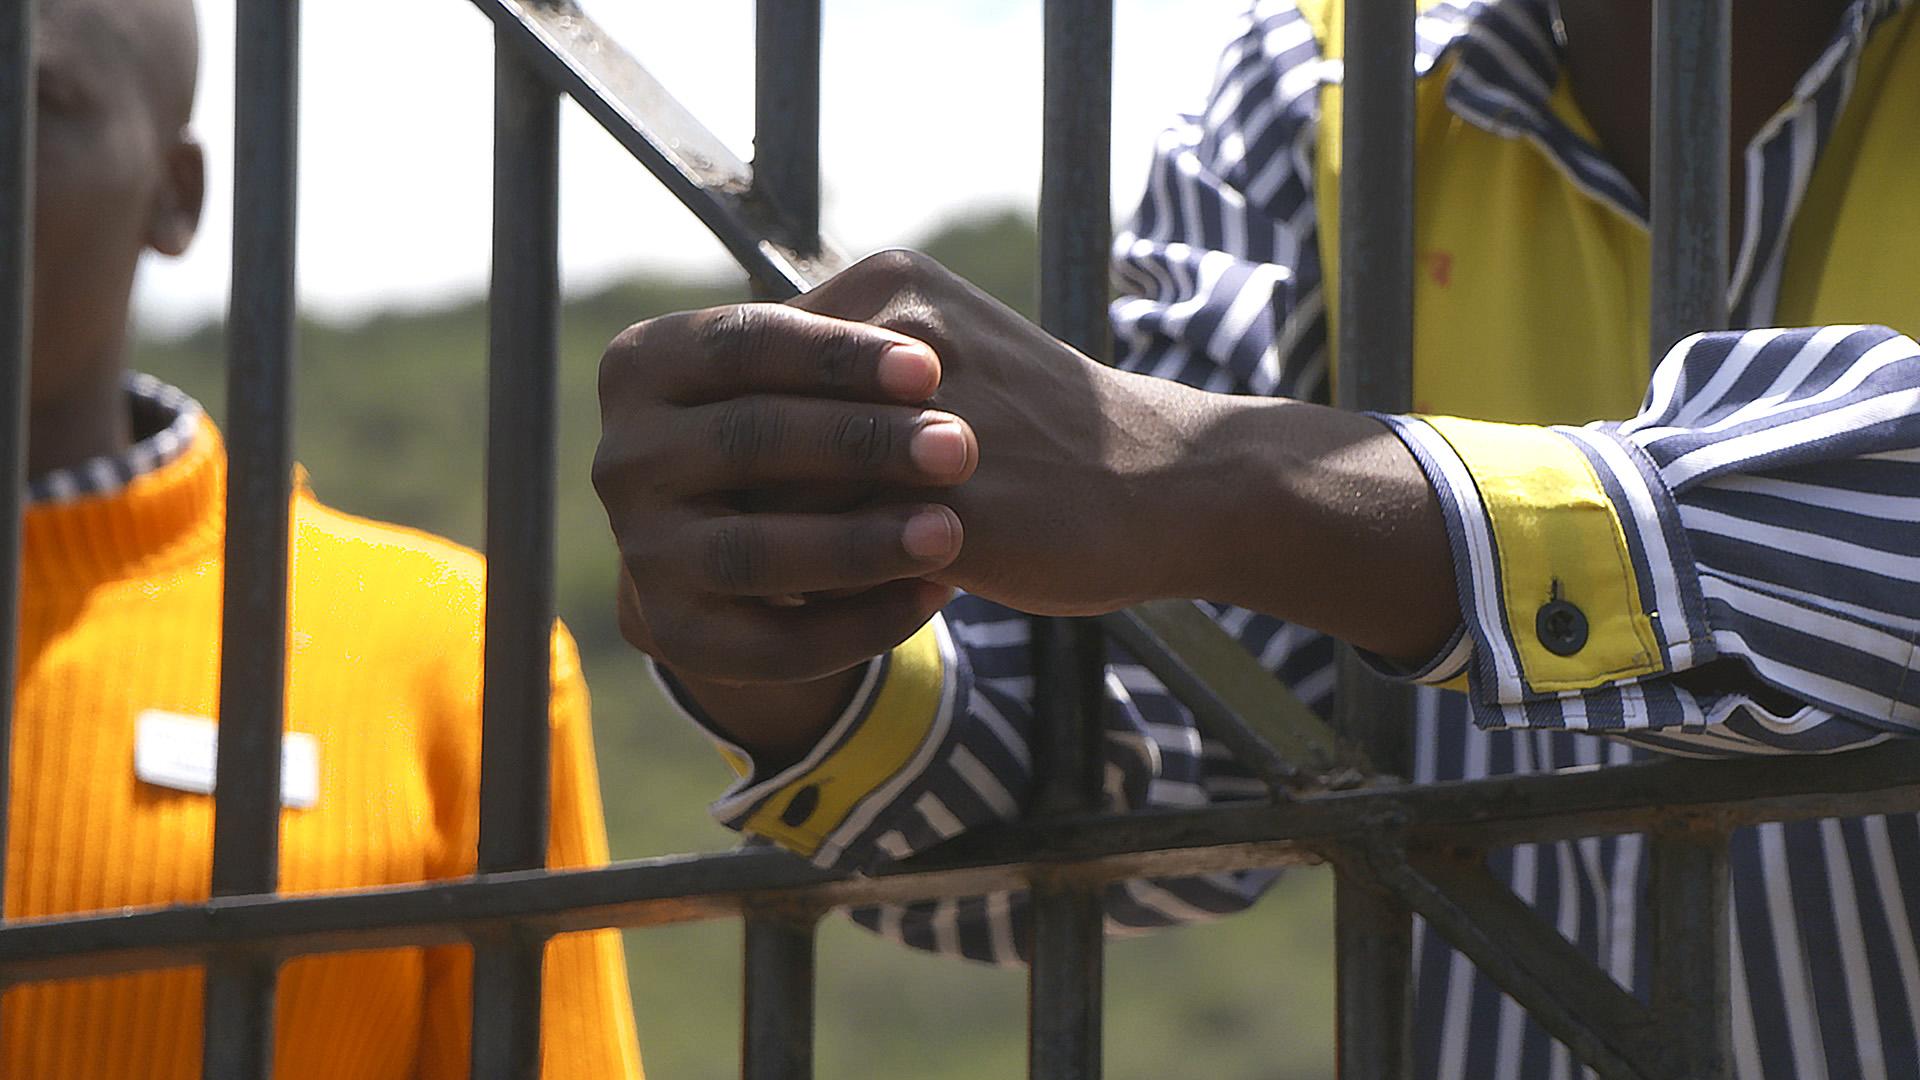 Rising Mental Health Cases Forces Kenya To Rethink Ban On Prison Visits